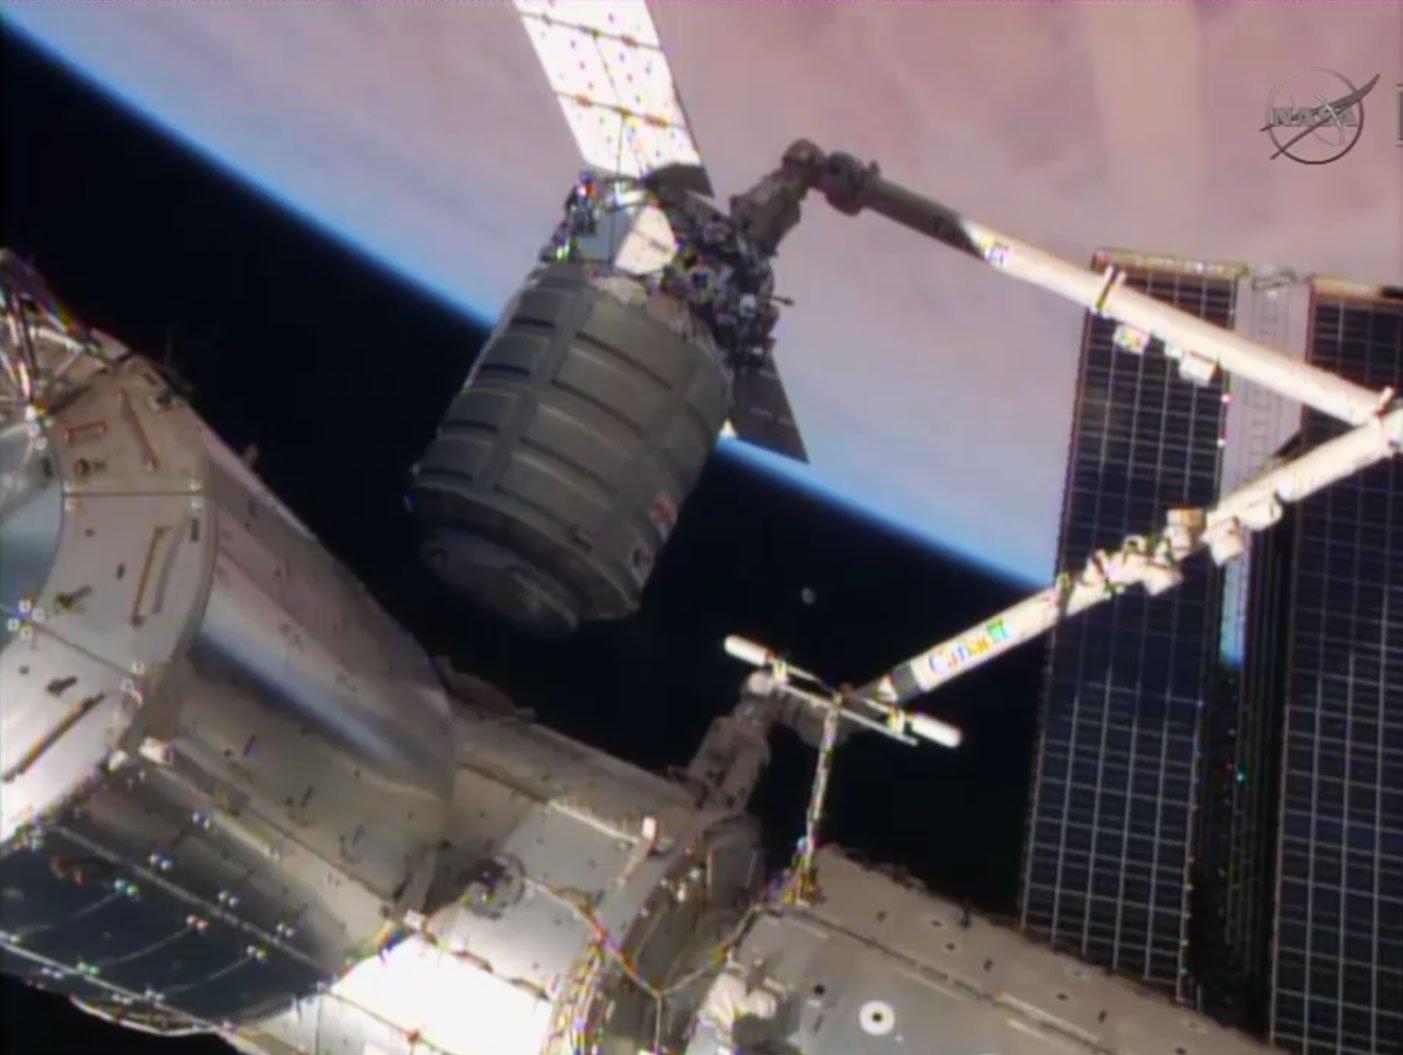 Mit dem Greifarm Canadarm2 holt die ISS den Transporter Cygnus heran, der 1,2 Tonnen Material mitgebracht hat.